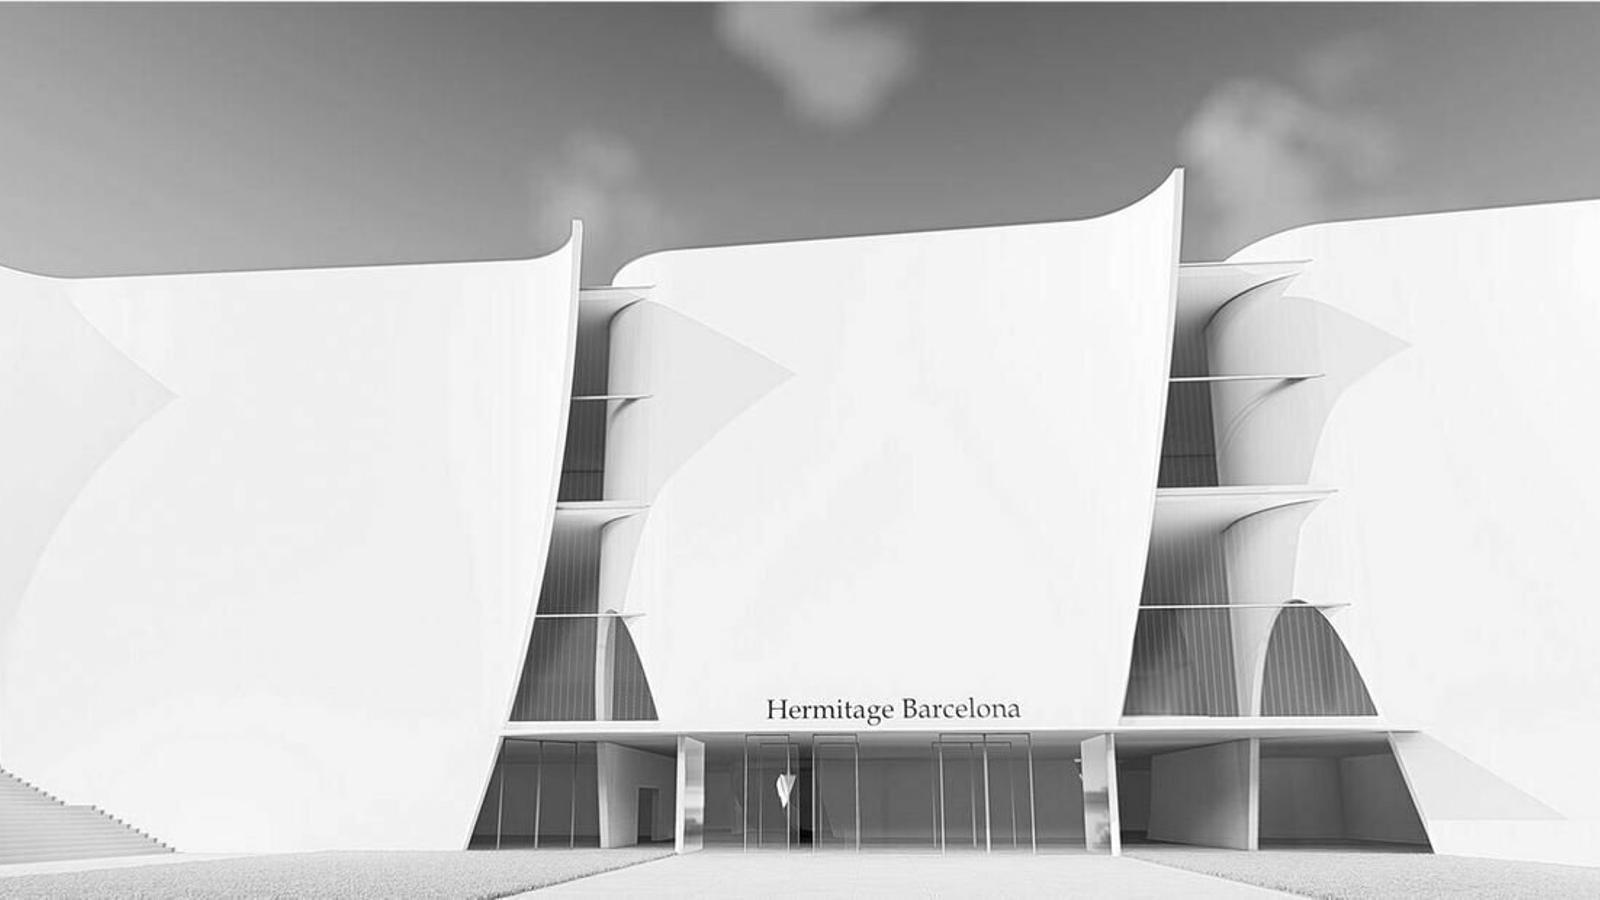 L'Hermitage, pendent dels informes de l'Ajuntament